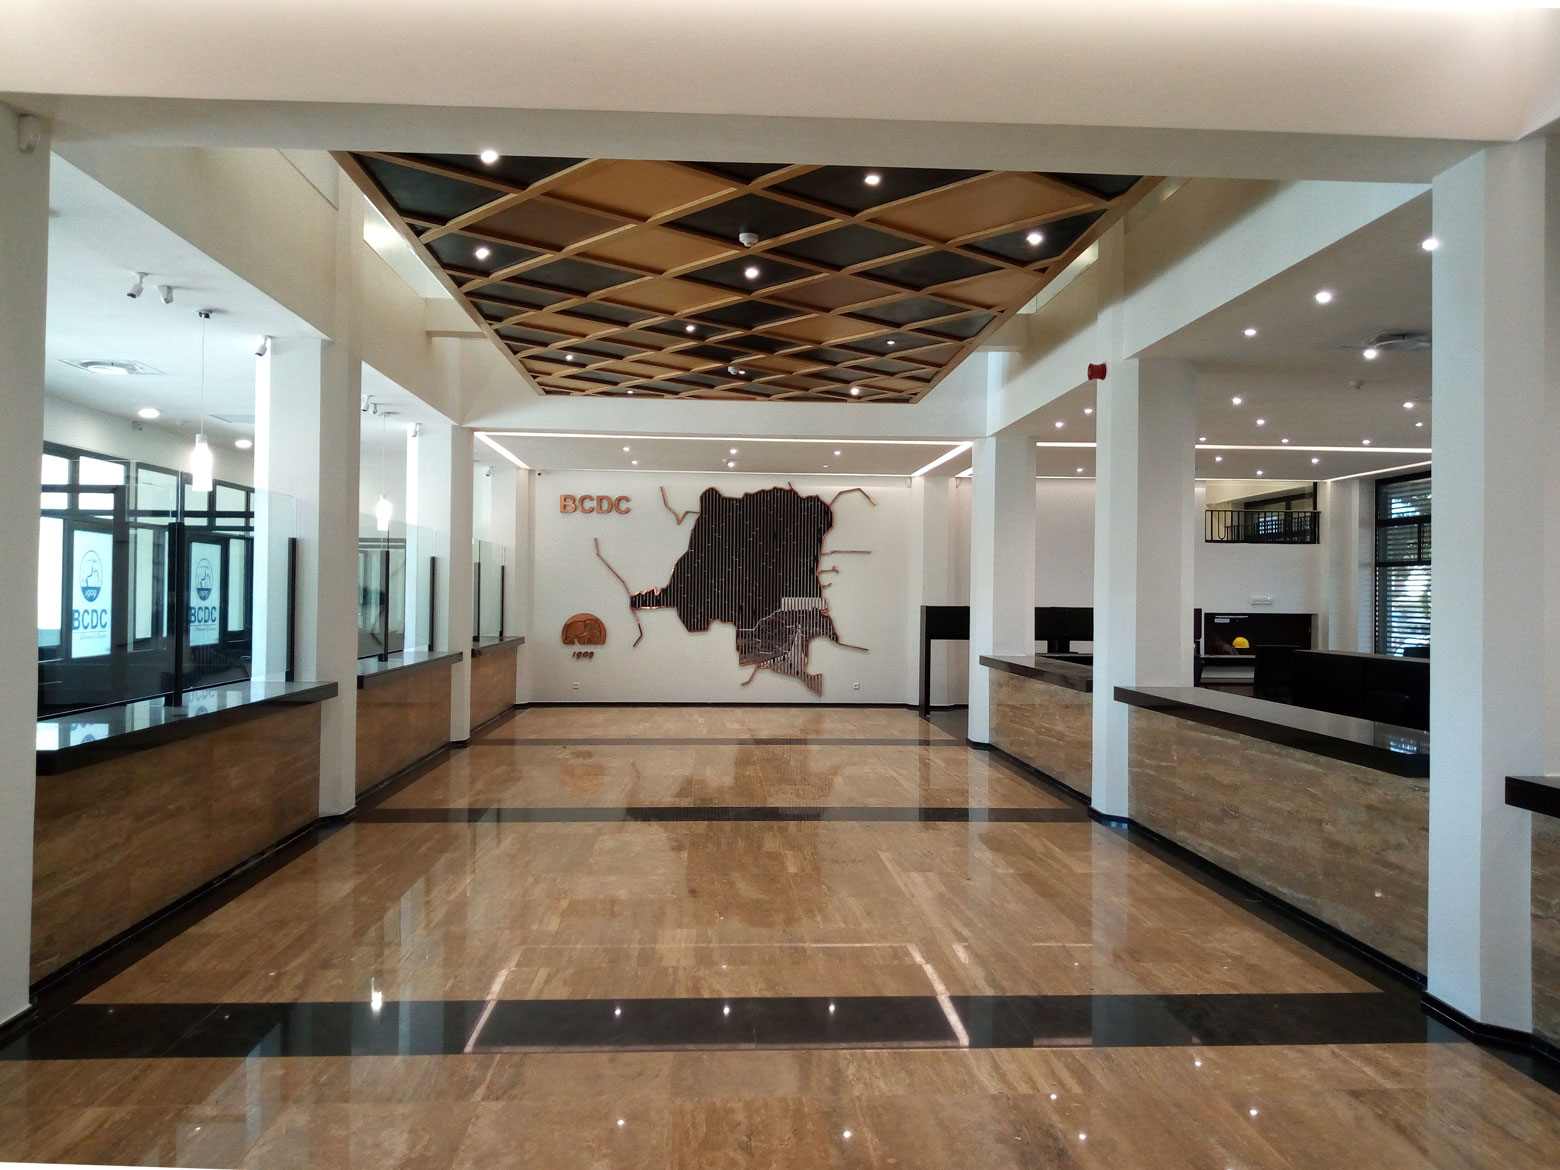 Rénovation de la banque BCDC par le Groupe Forrest